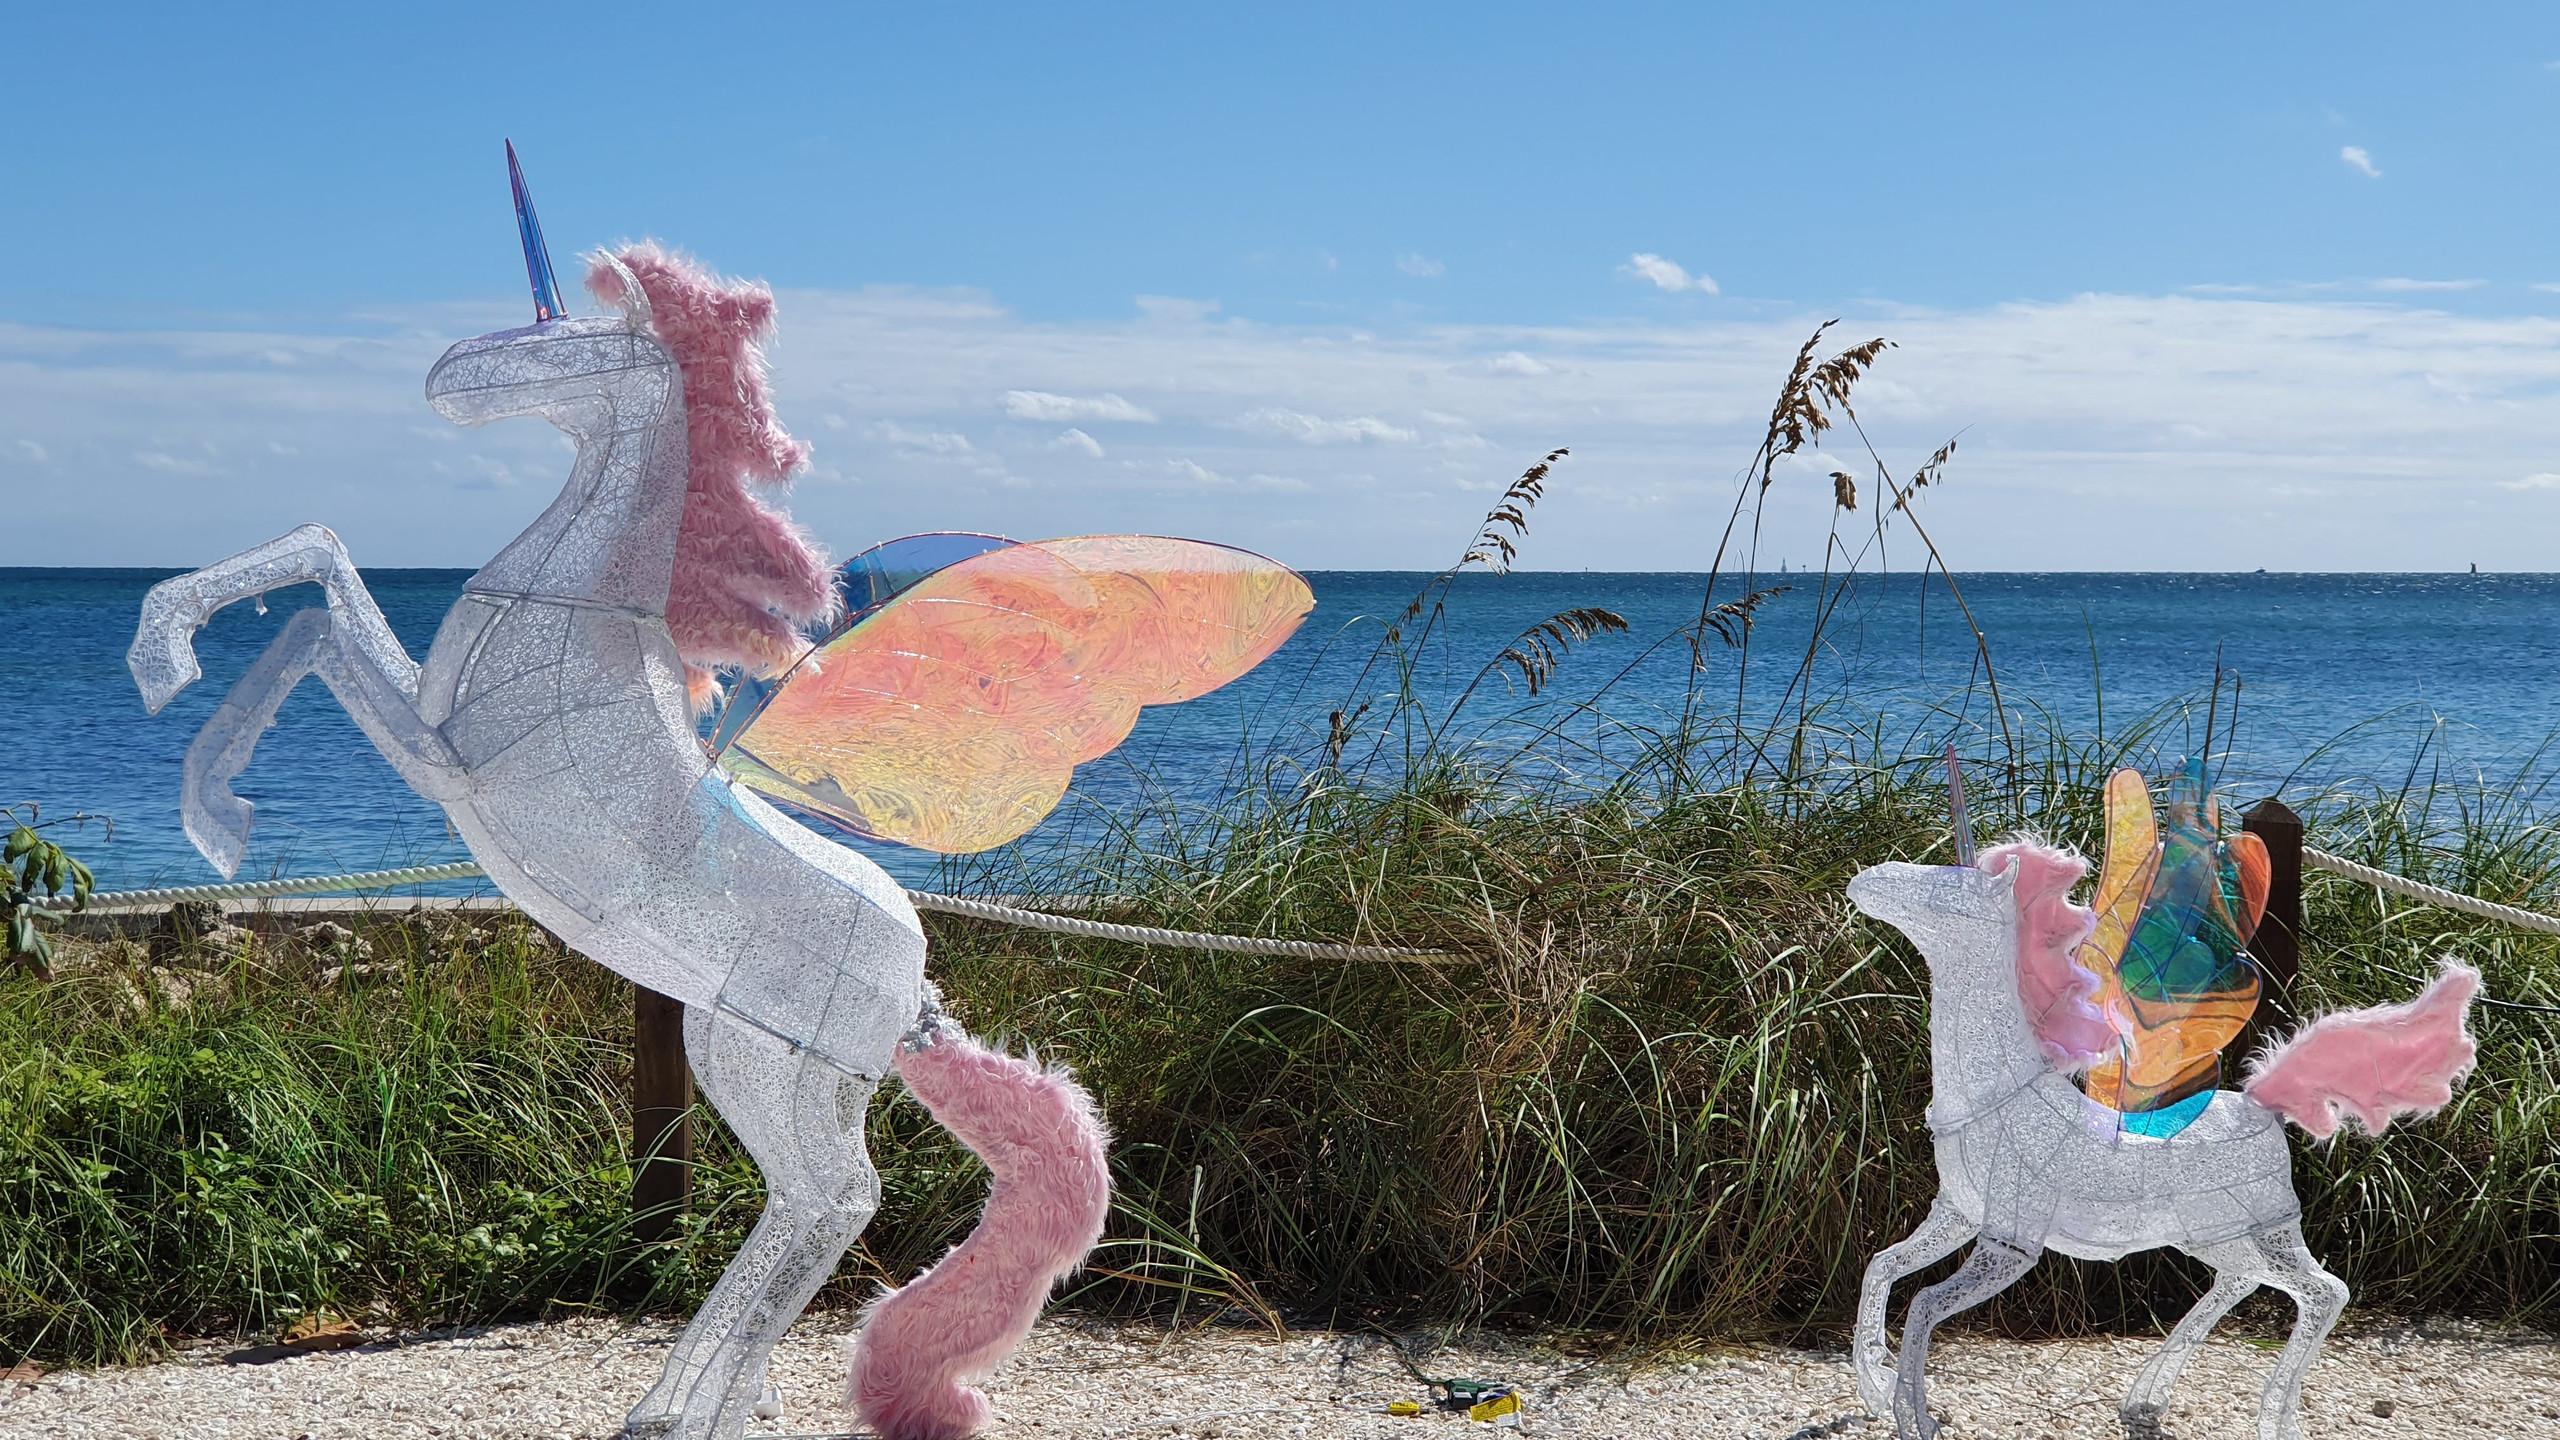 Unicorns at Cape Florida Lighthouse